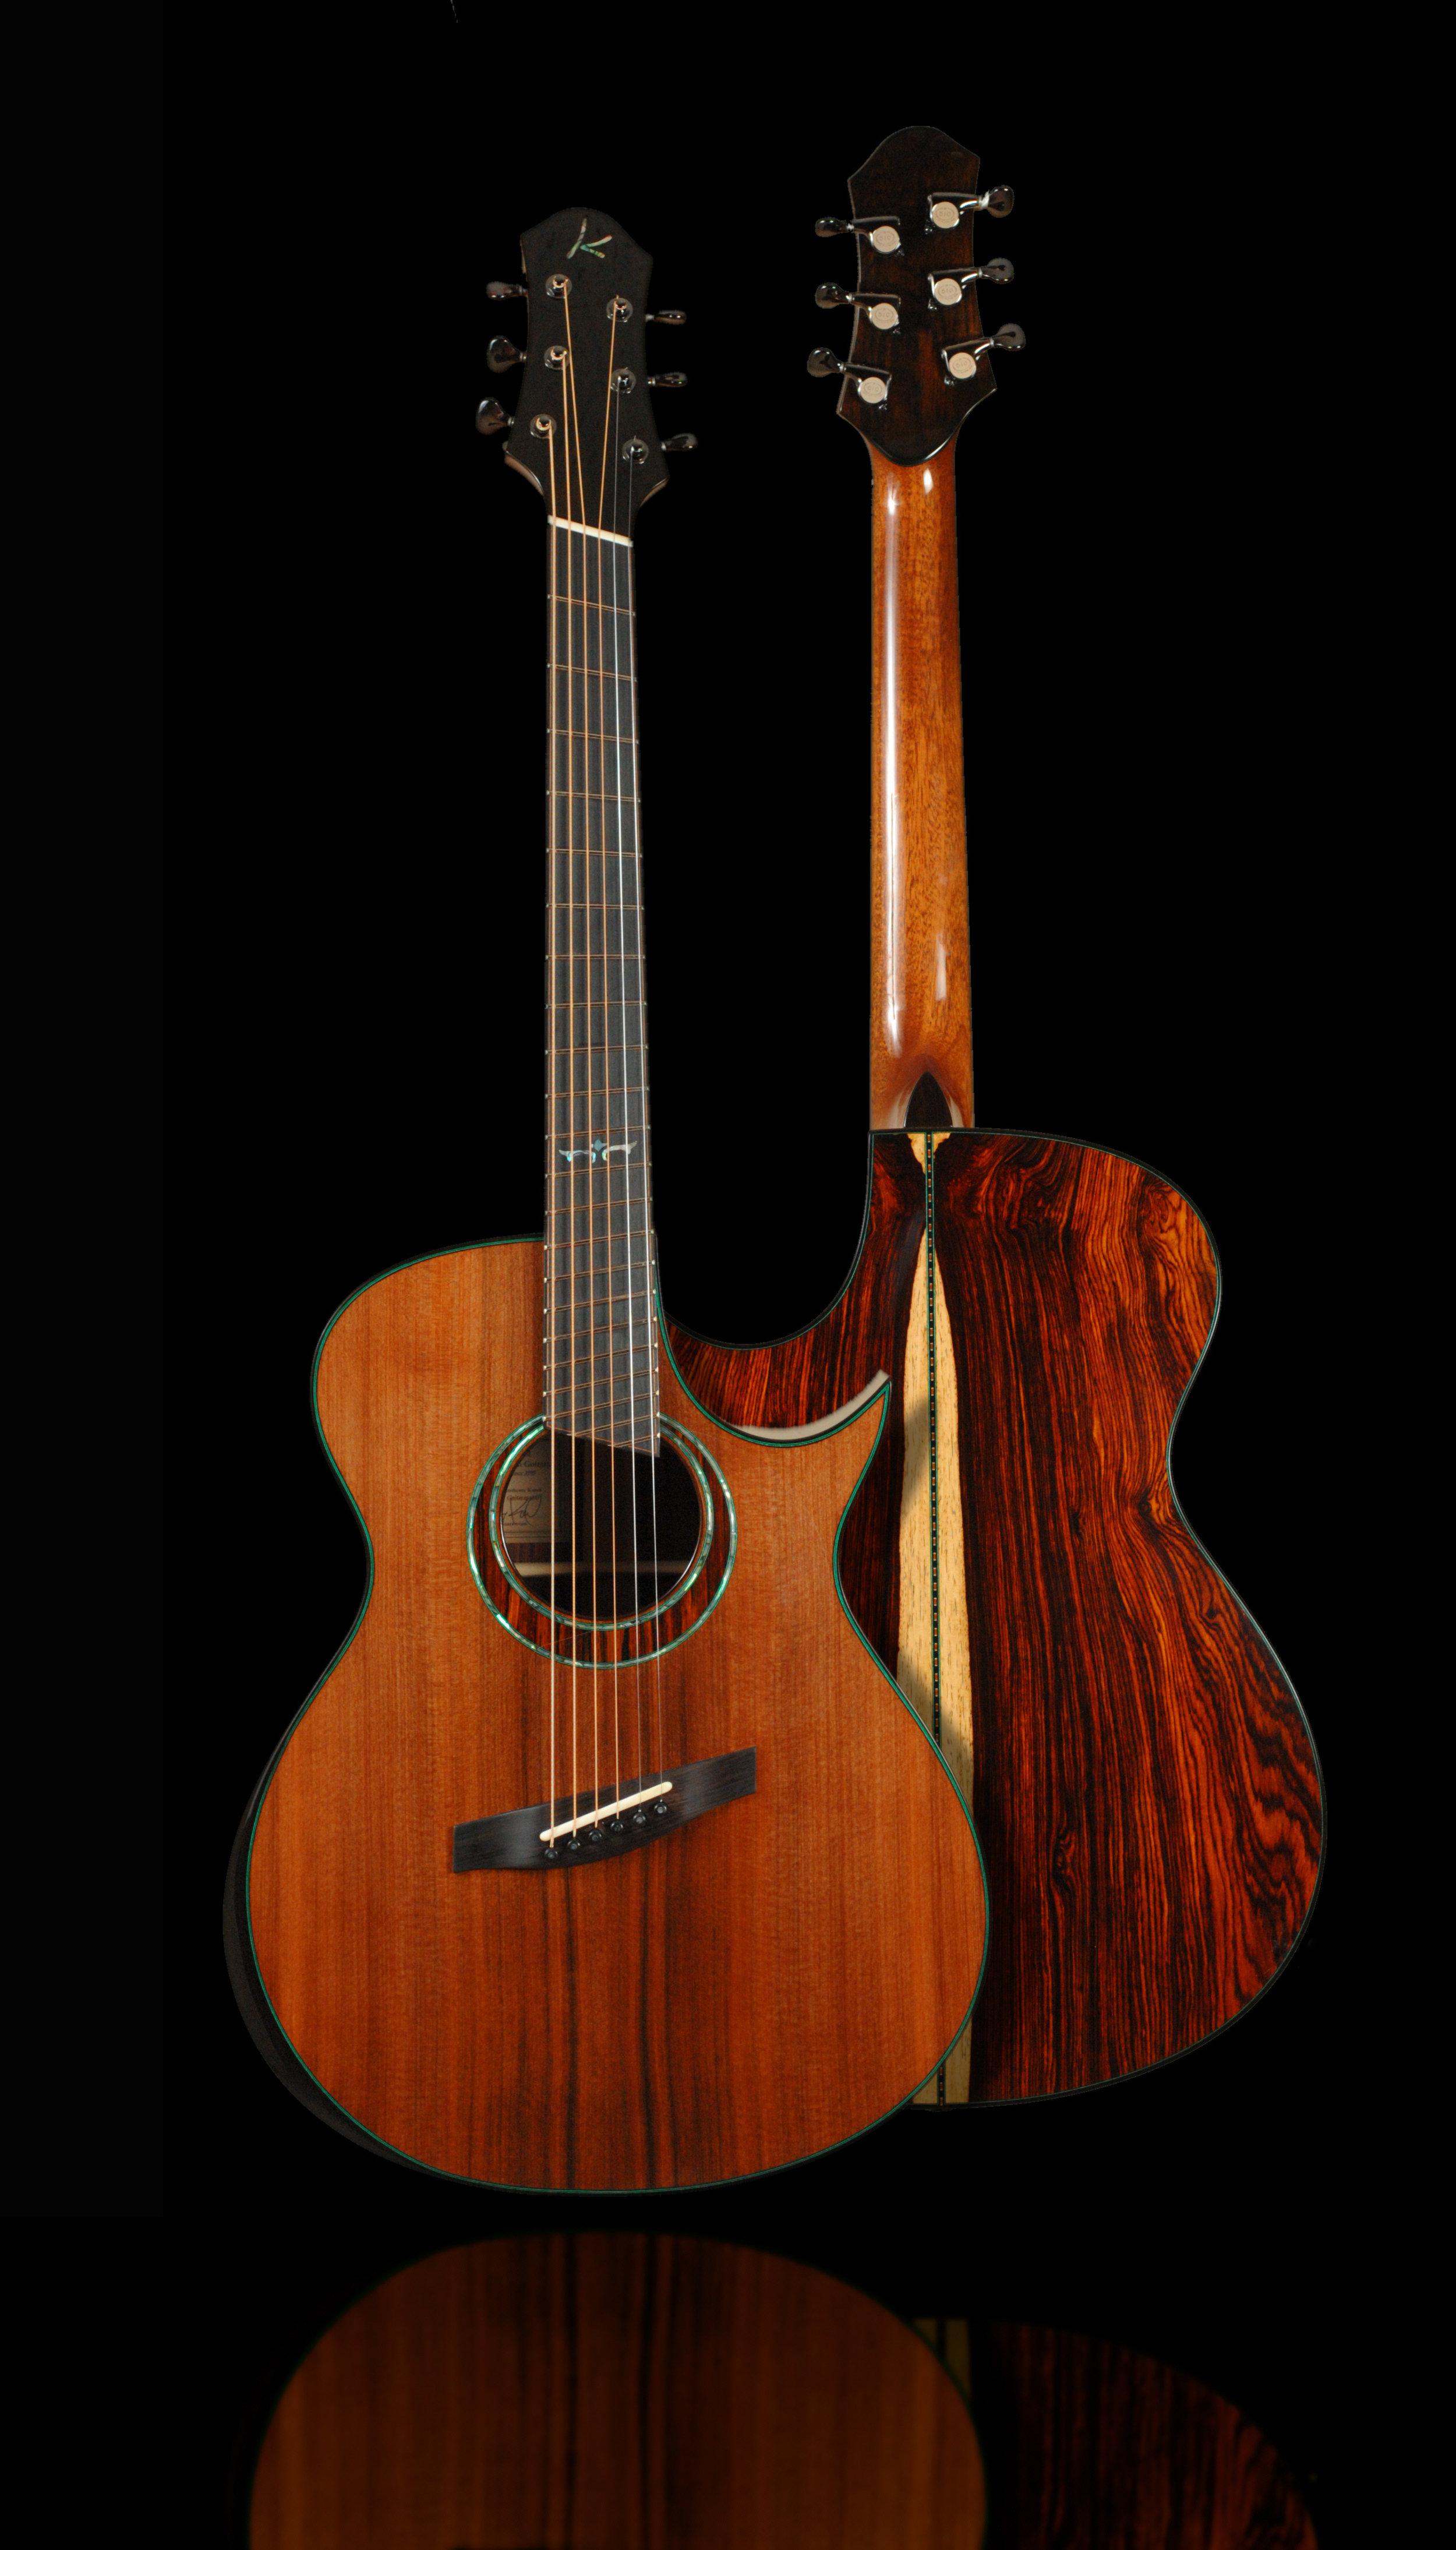 Karol_Guitars_Acoustic_001.jpg